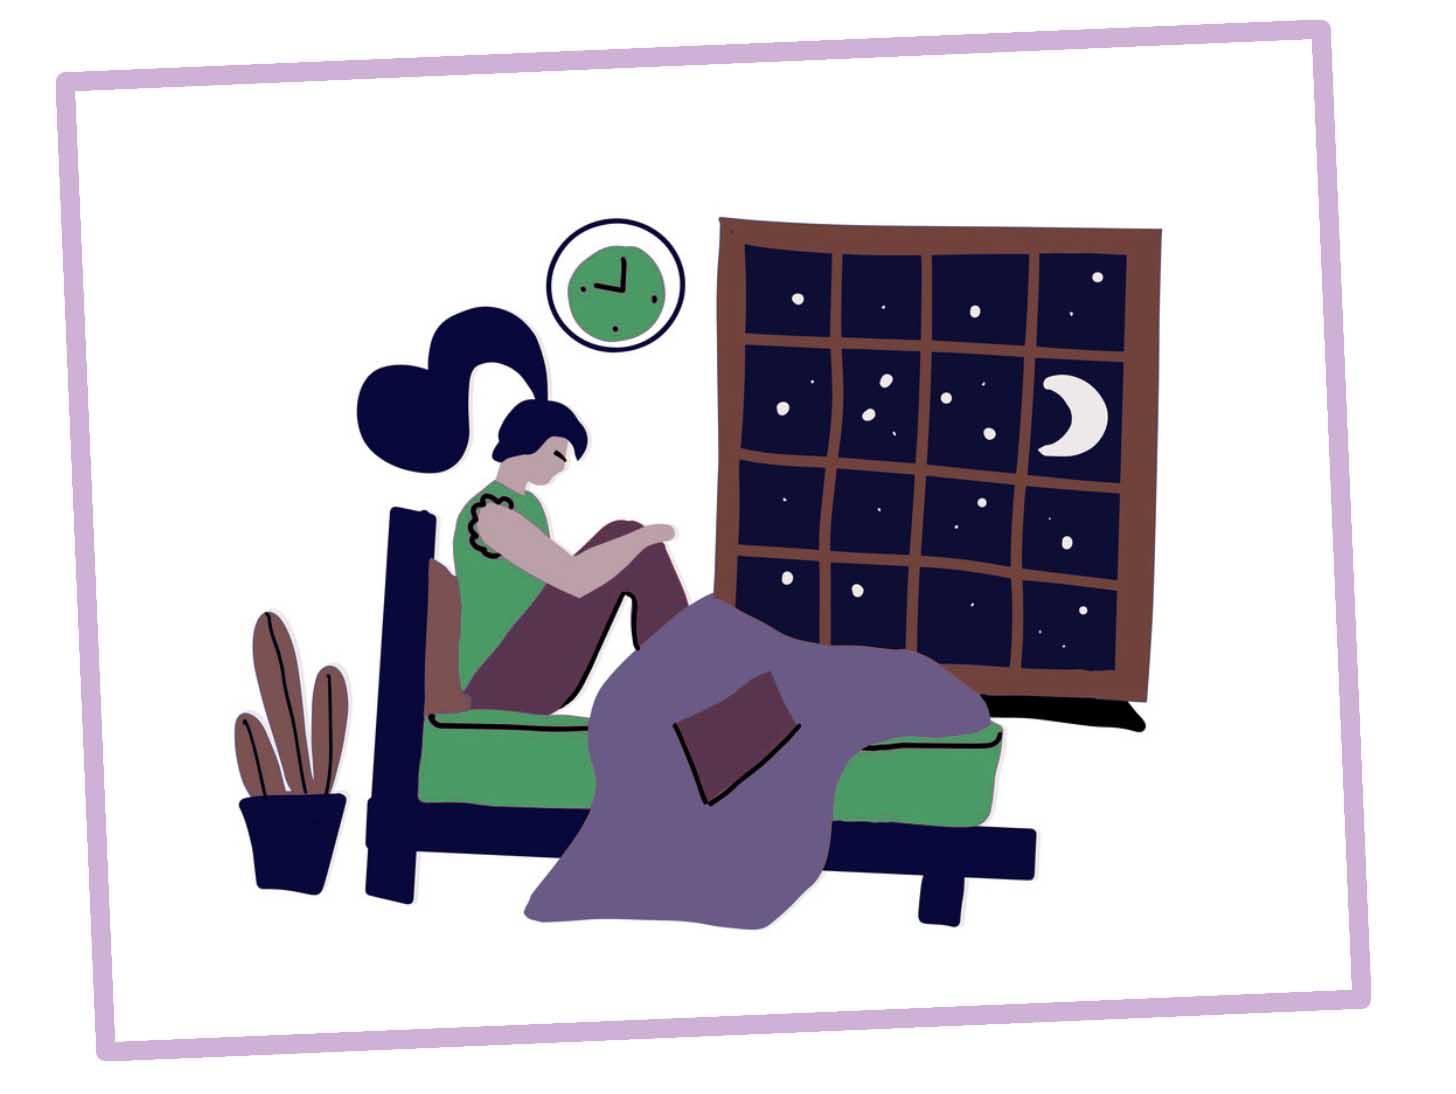 как избавиться от бессонницы в домашних условиях быстро и эффективно